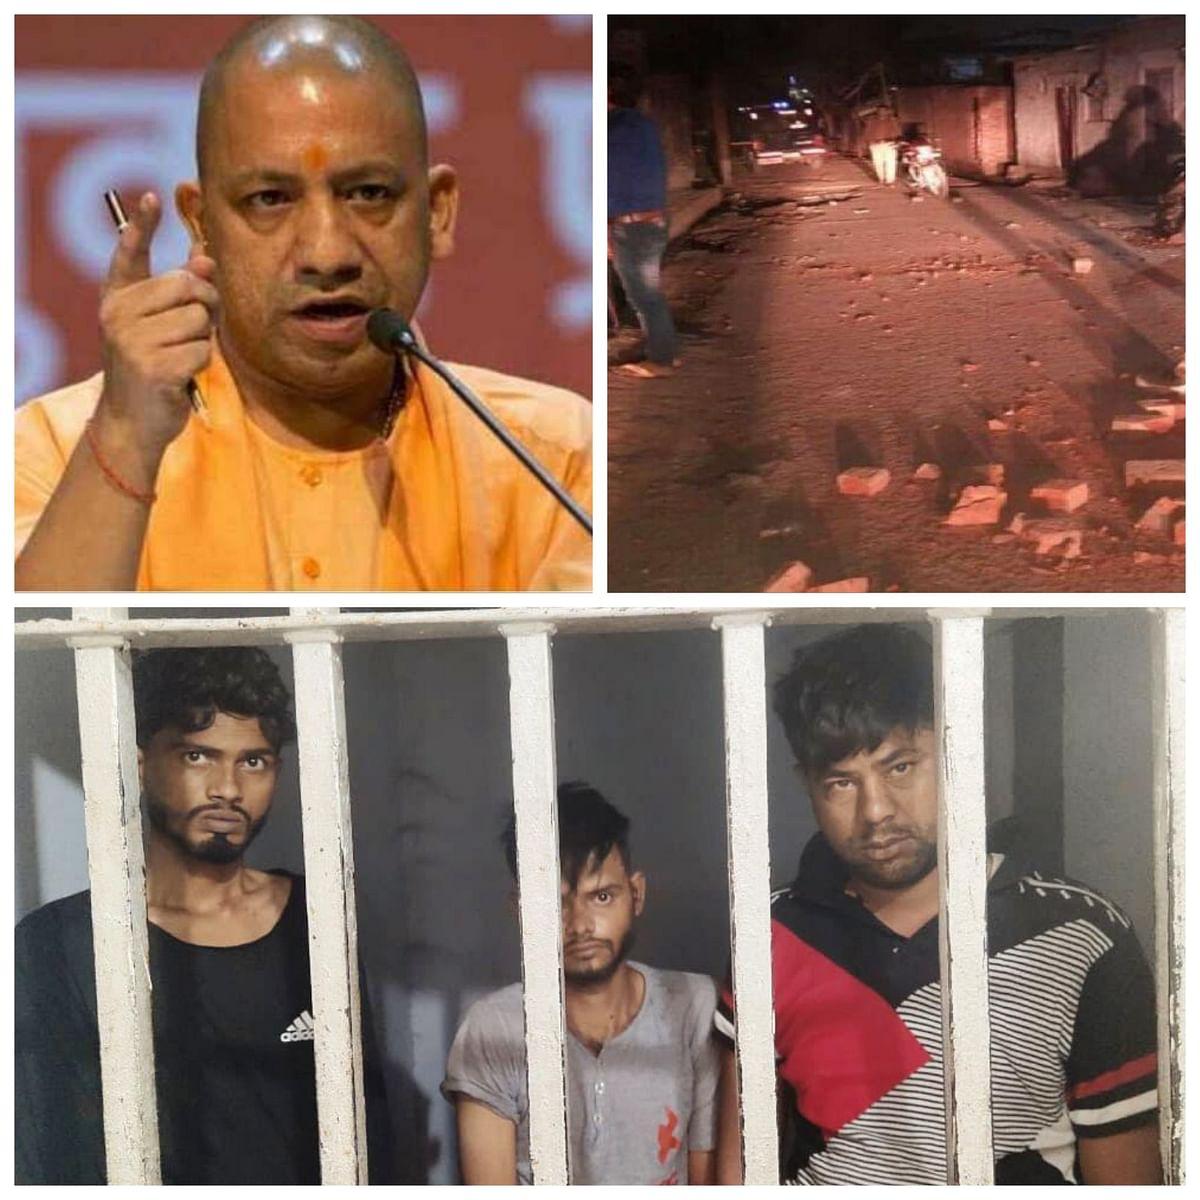 कानपुर : सौहार्द बिगाड़ने वाले समाज के दुश्मन, कड़ी कार्यवाही के साथ लगेगा एनएसए - योगी आदित्यनाथ